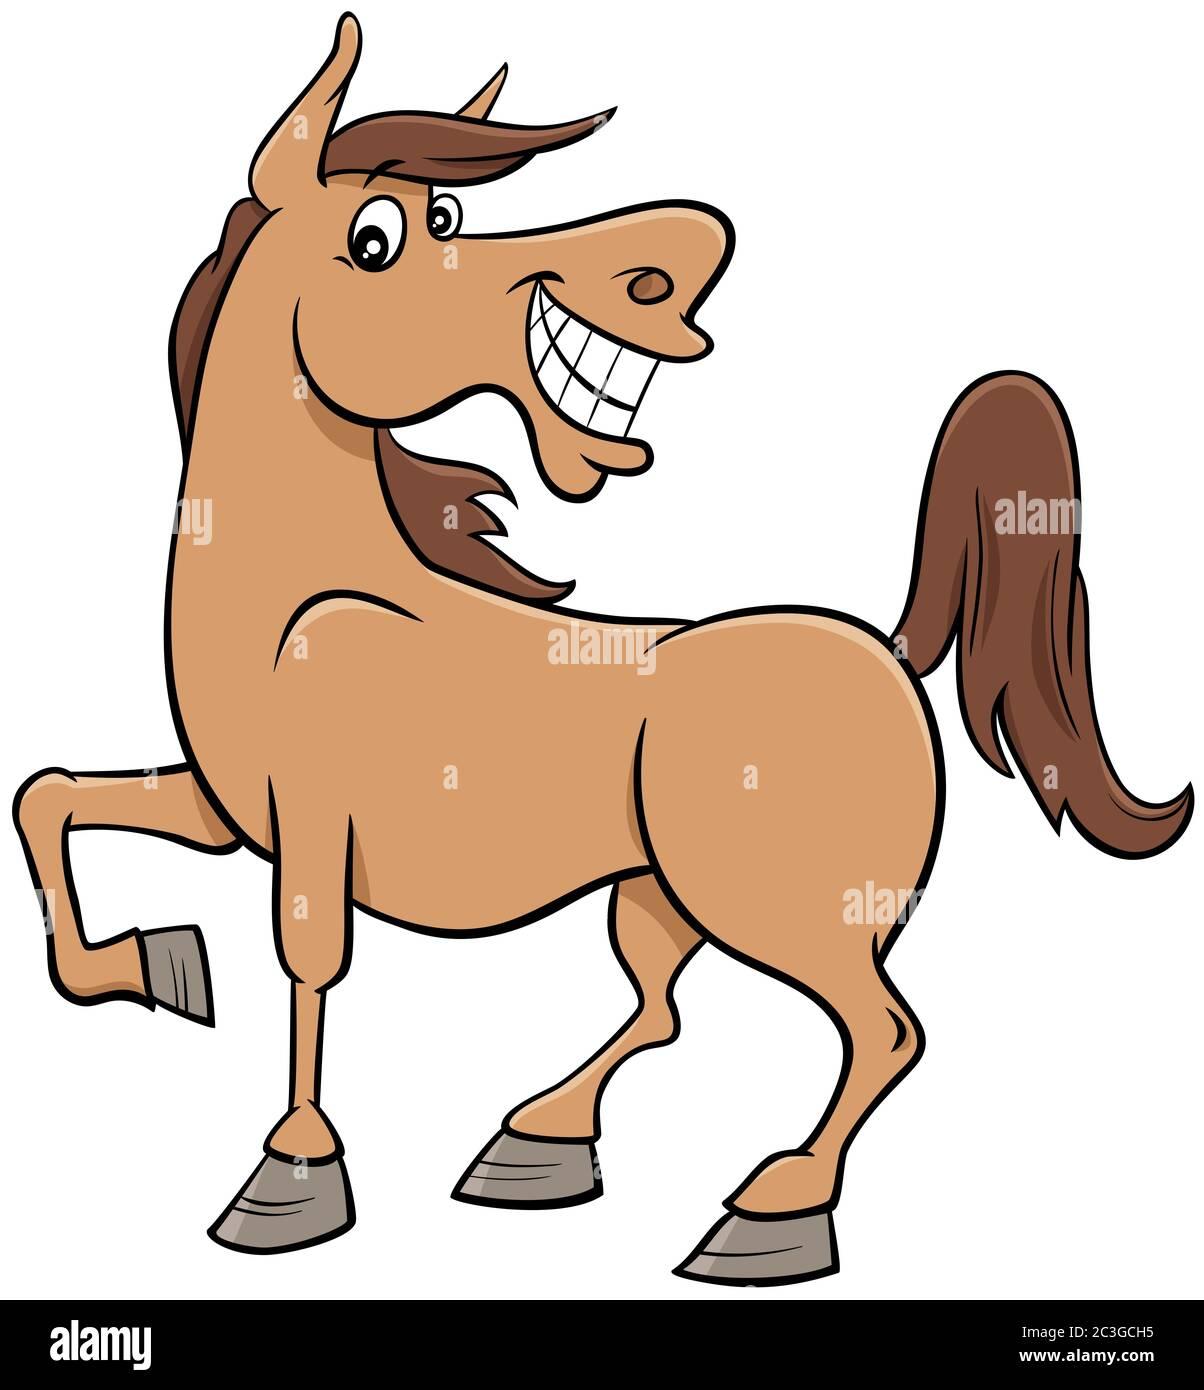 cartoon horse stockfotos und -bilder kaufen - alamy  alamy